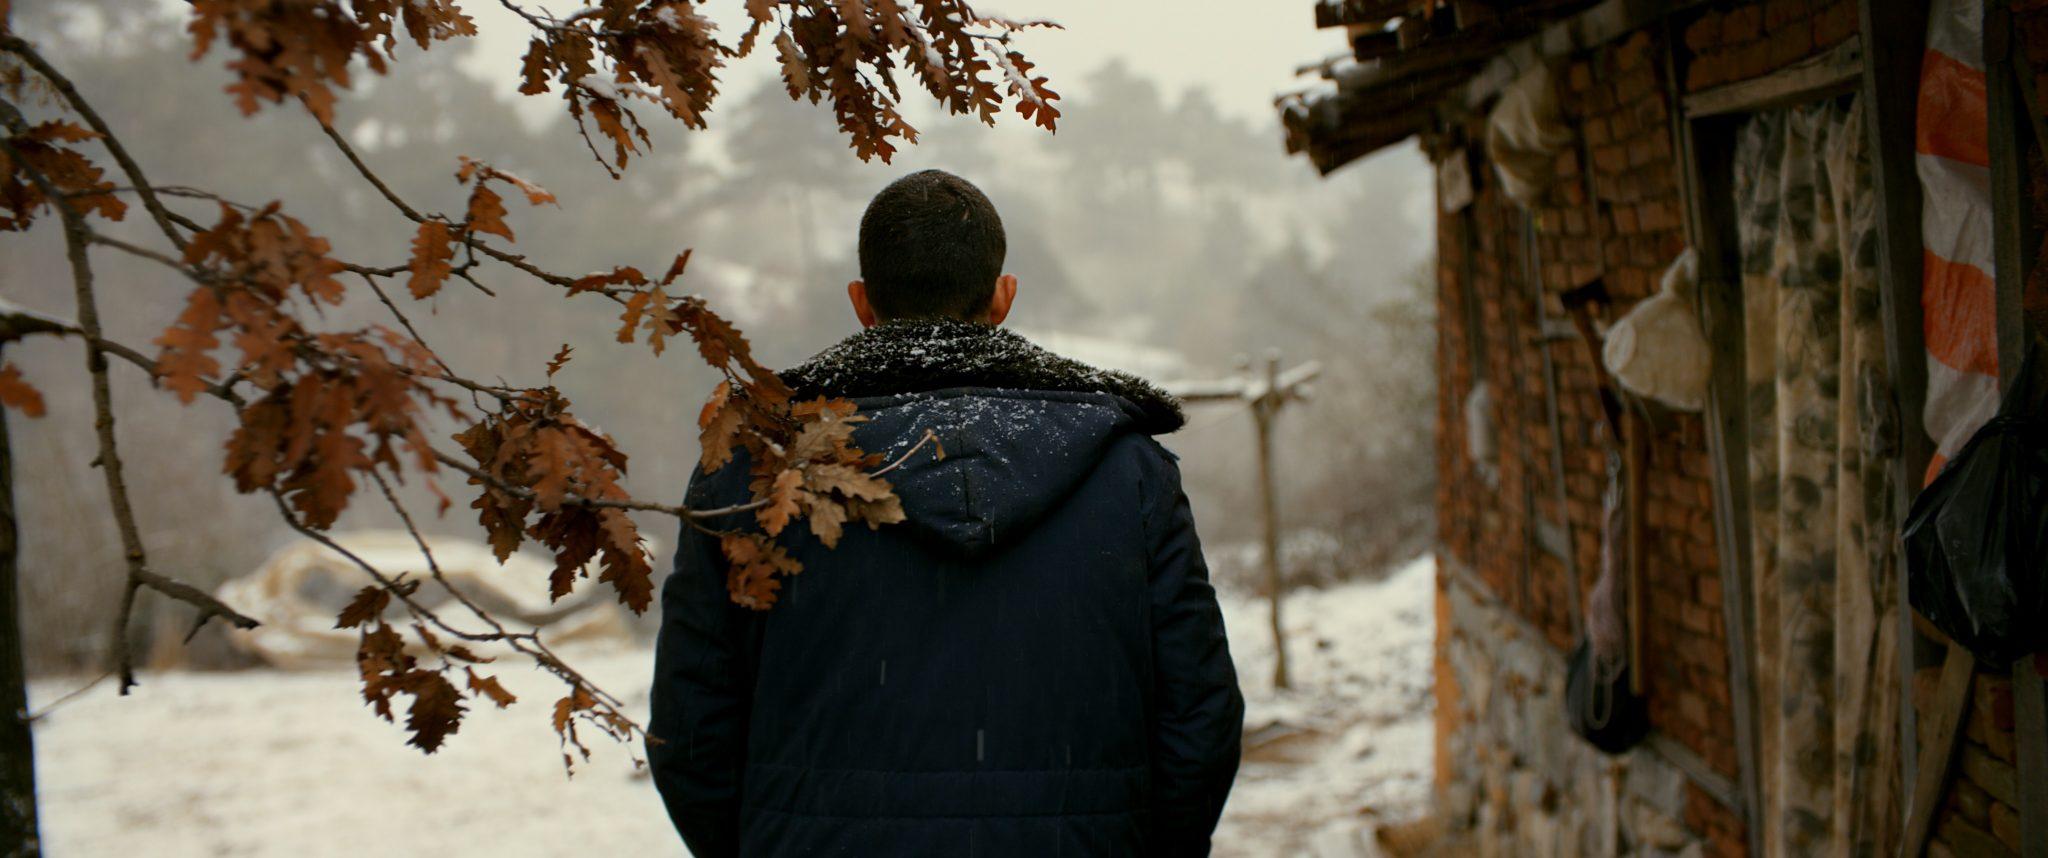 L'albero dei frutti selvatici, il nuovo film di Nuri Bilge Ceylan